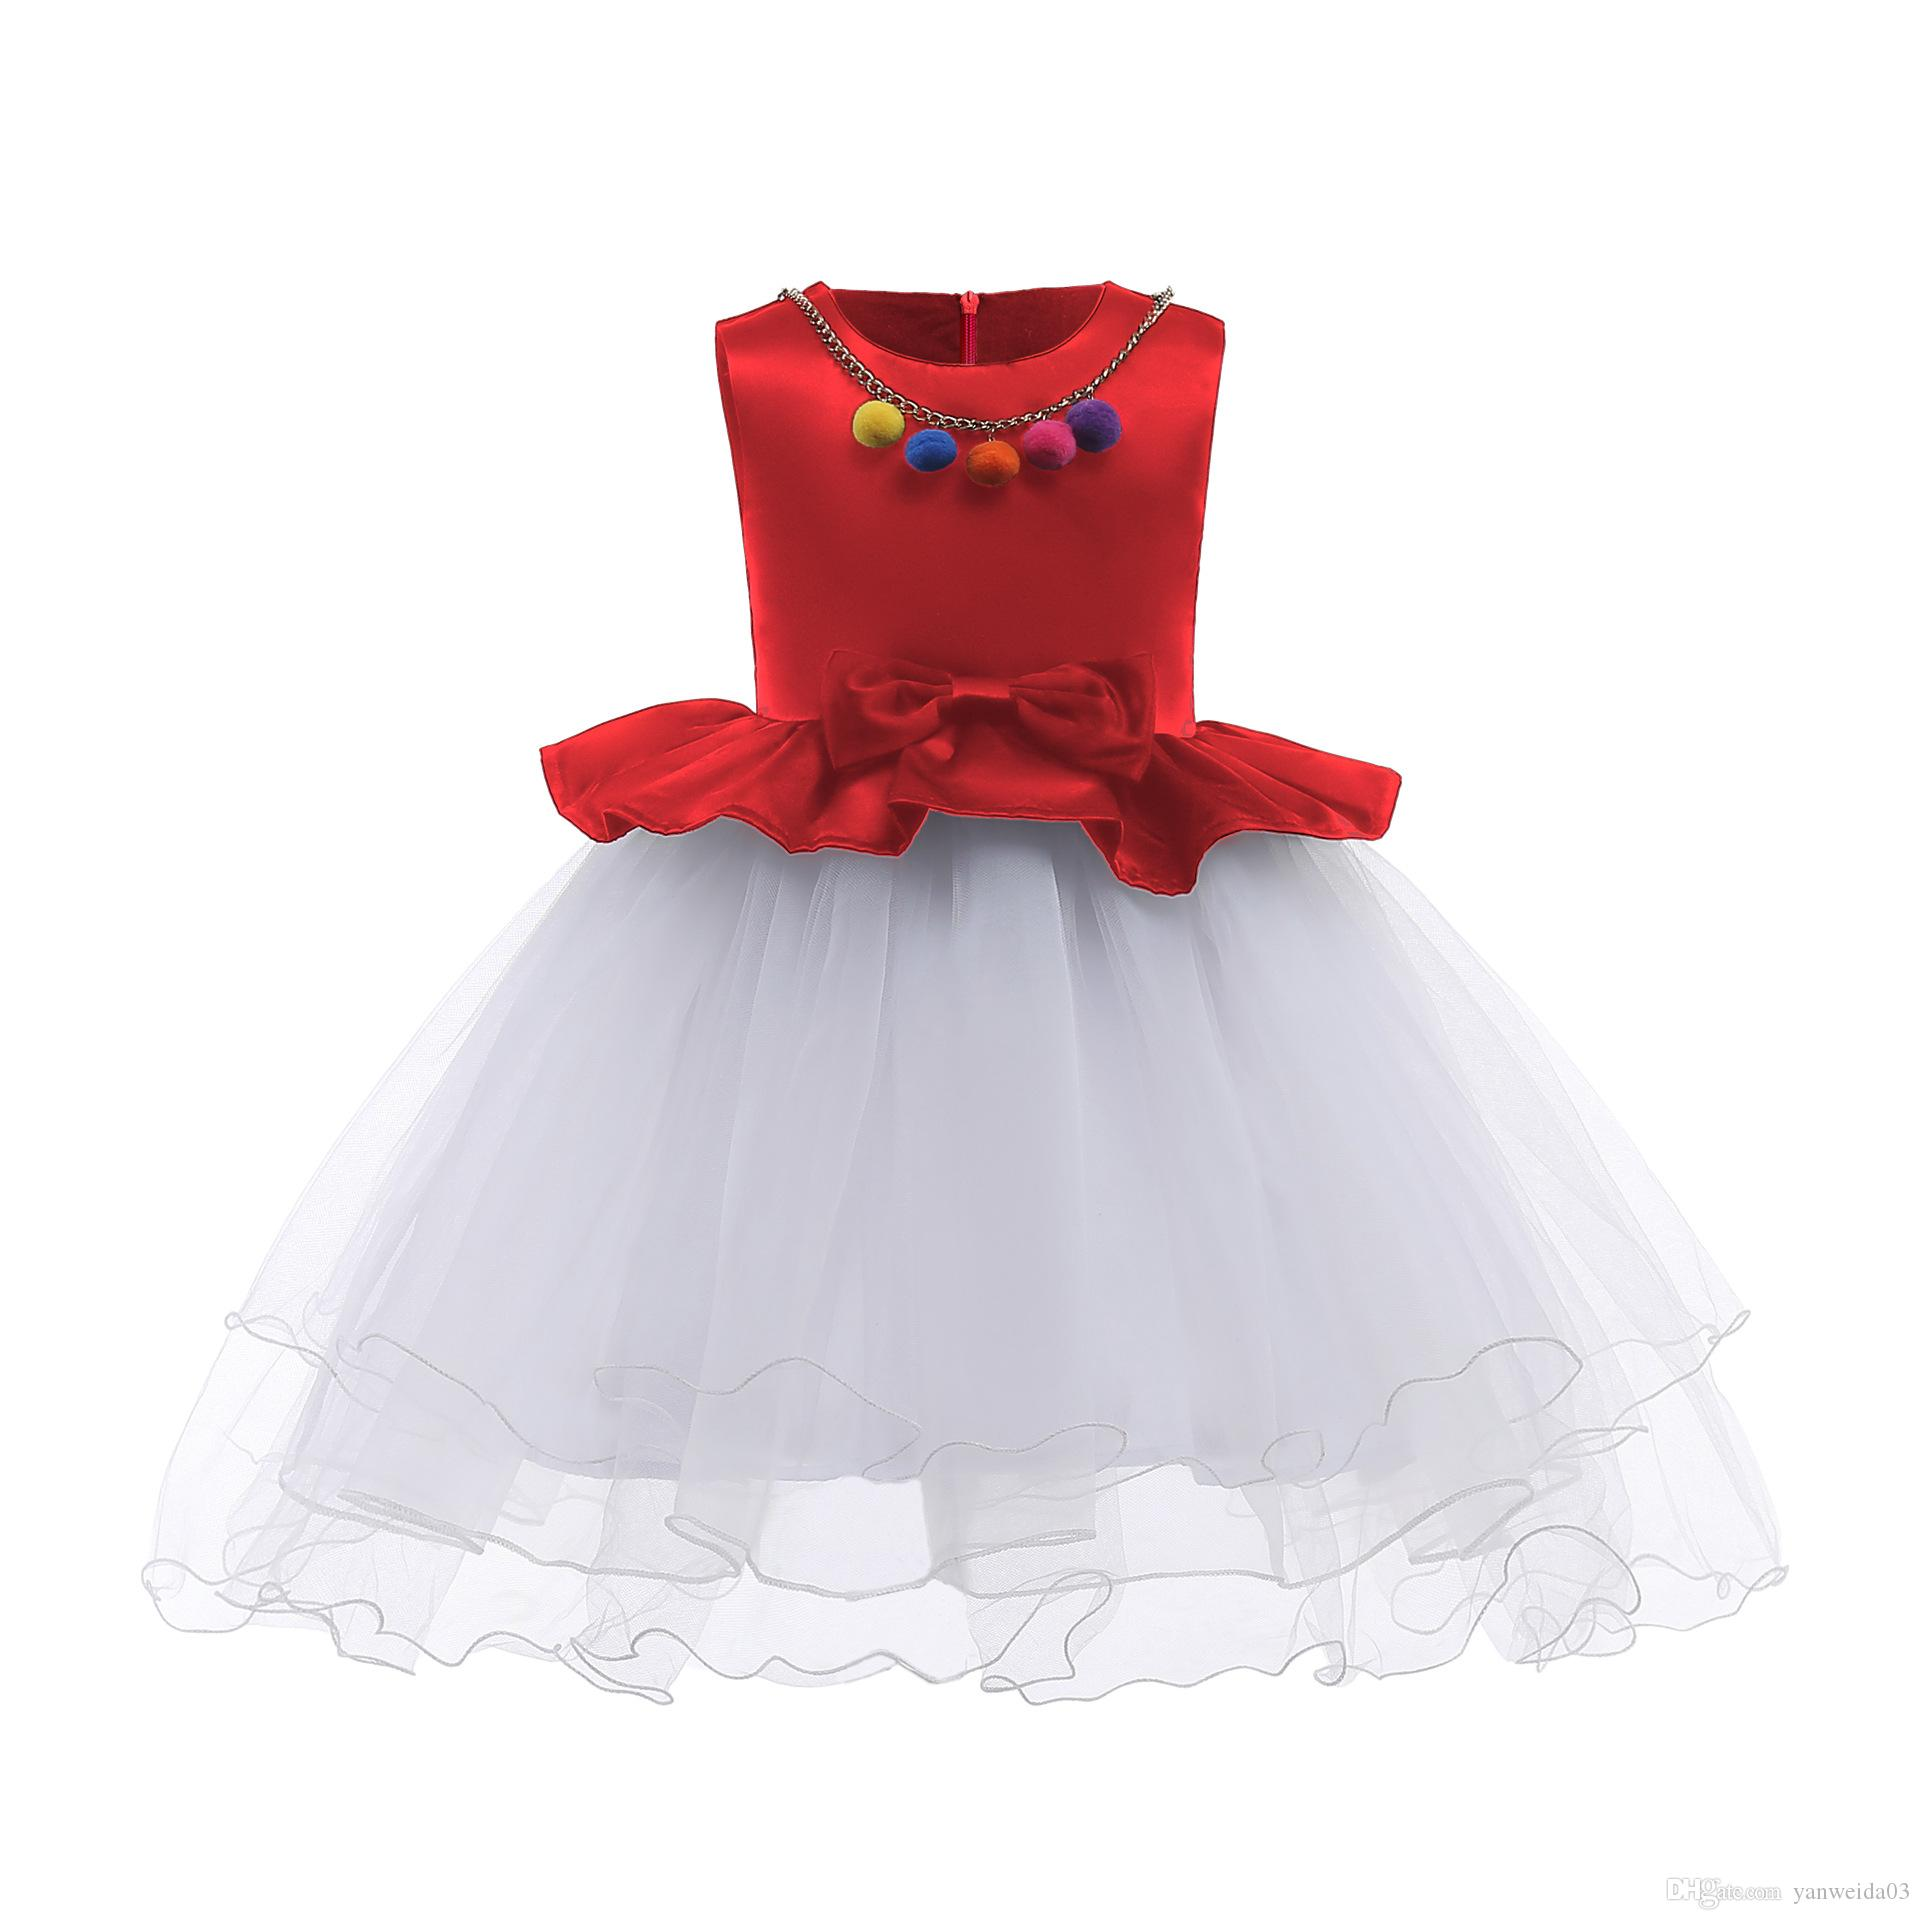 a846eaa19 Compre Vestido De Fiesta Para Niñas Falda De Hilados De Seda De Bud Para  Niños Vestidos De Niñas Para Bodas La Falda Princesa El Estilo Europeo Y  Americano ...